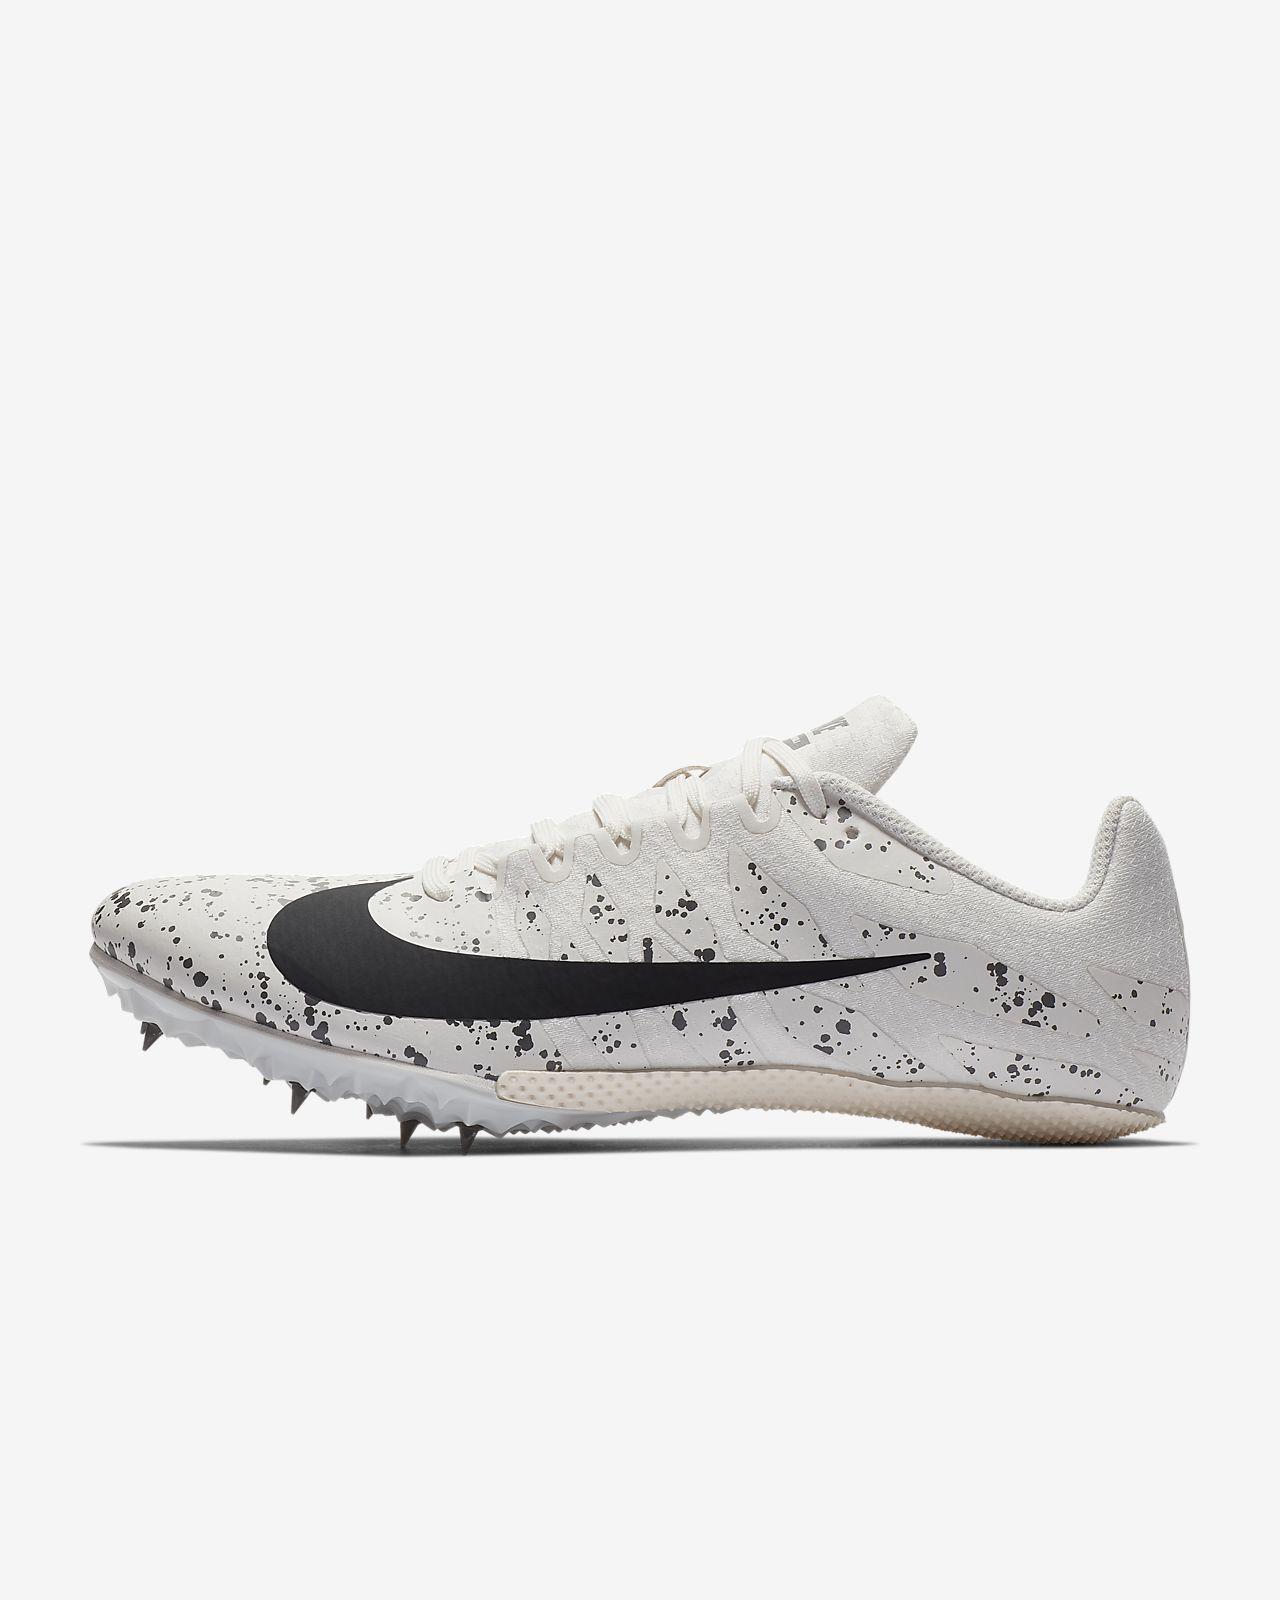 Sapatilhas de pista Nike Zoom Rival S 9 unissexo